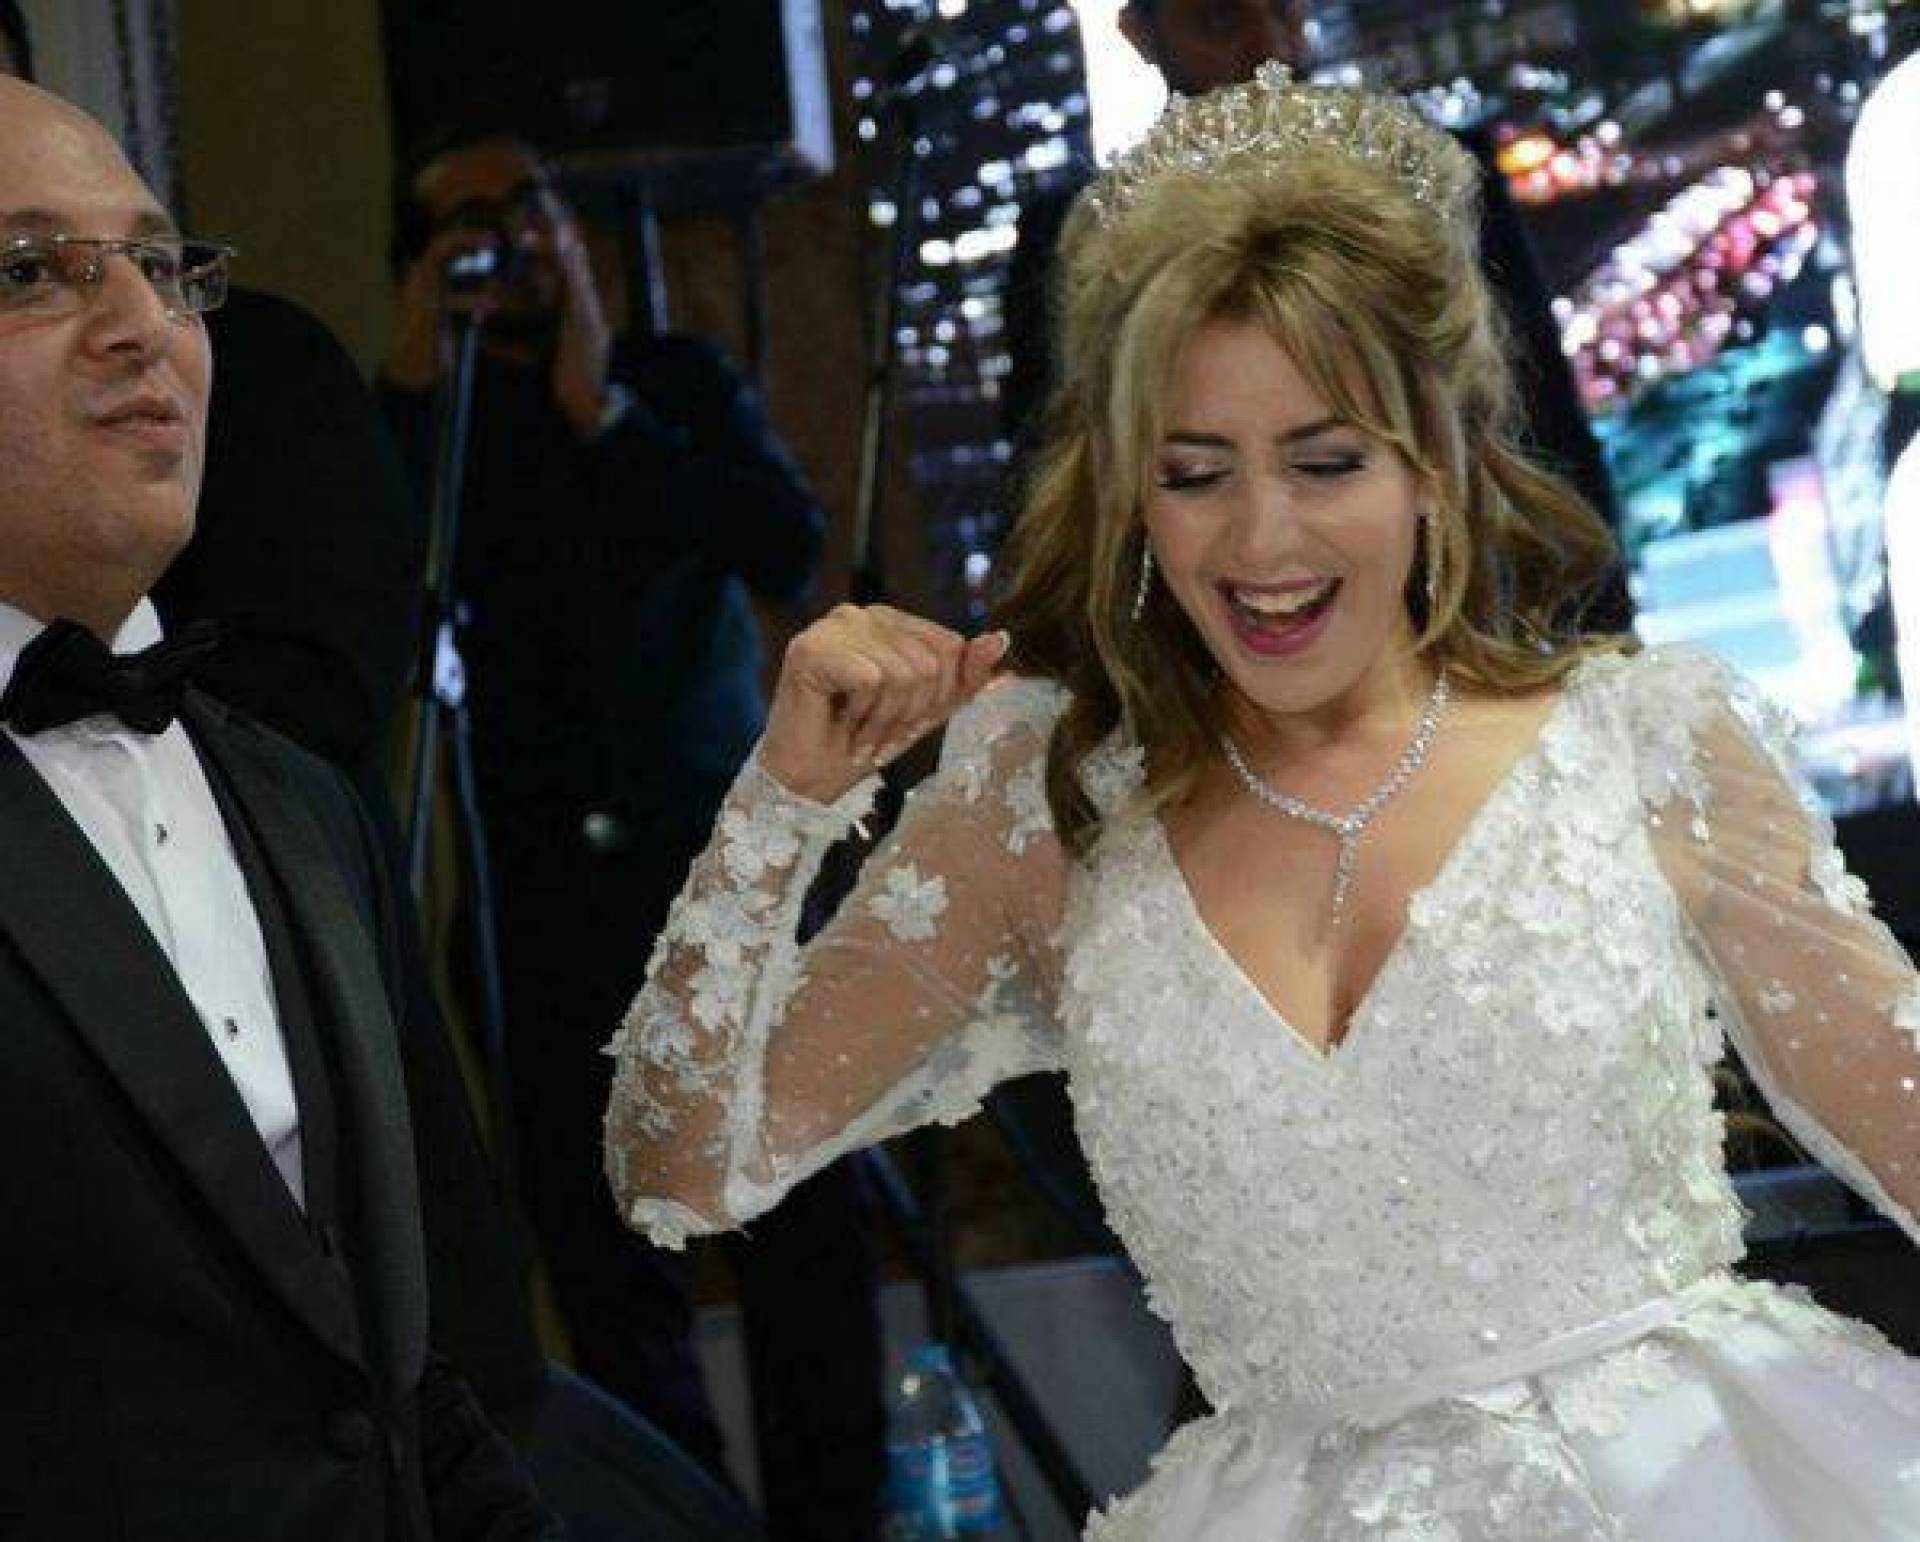 ها فين كدوز جنات شهر العسل مع راجلها لي هو أحد مستشاري الرئيس المصري السيسي (صورة)